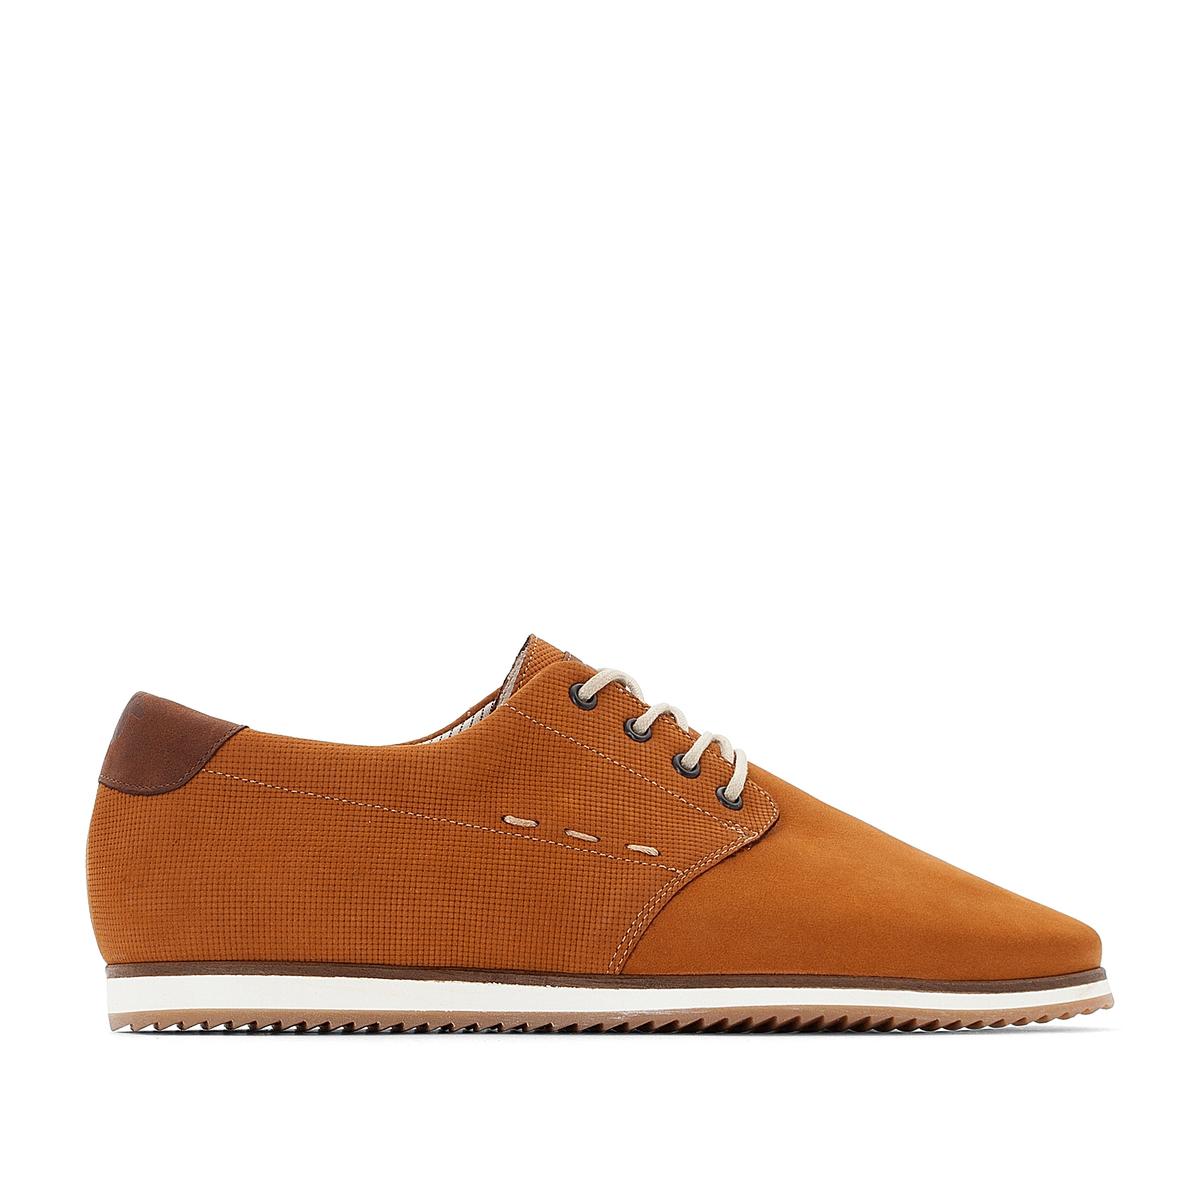 Ботинки-дерби кожаные Coulsona 4 ботинки дерби под кожу питона